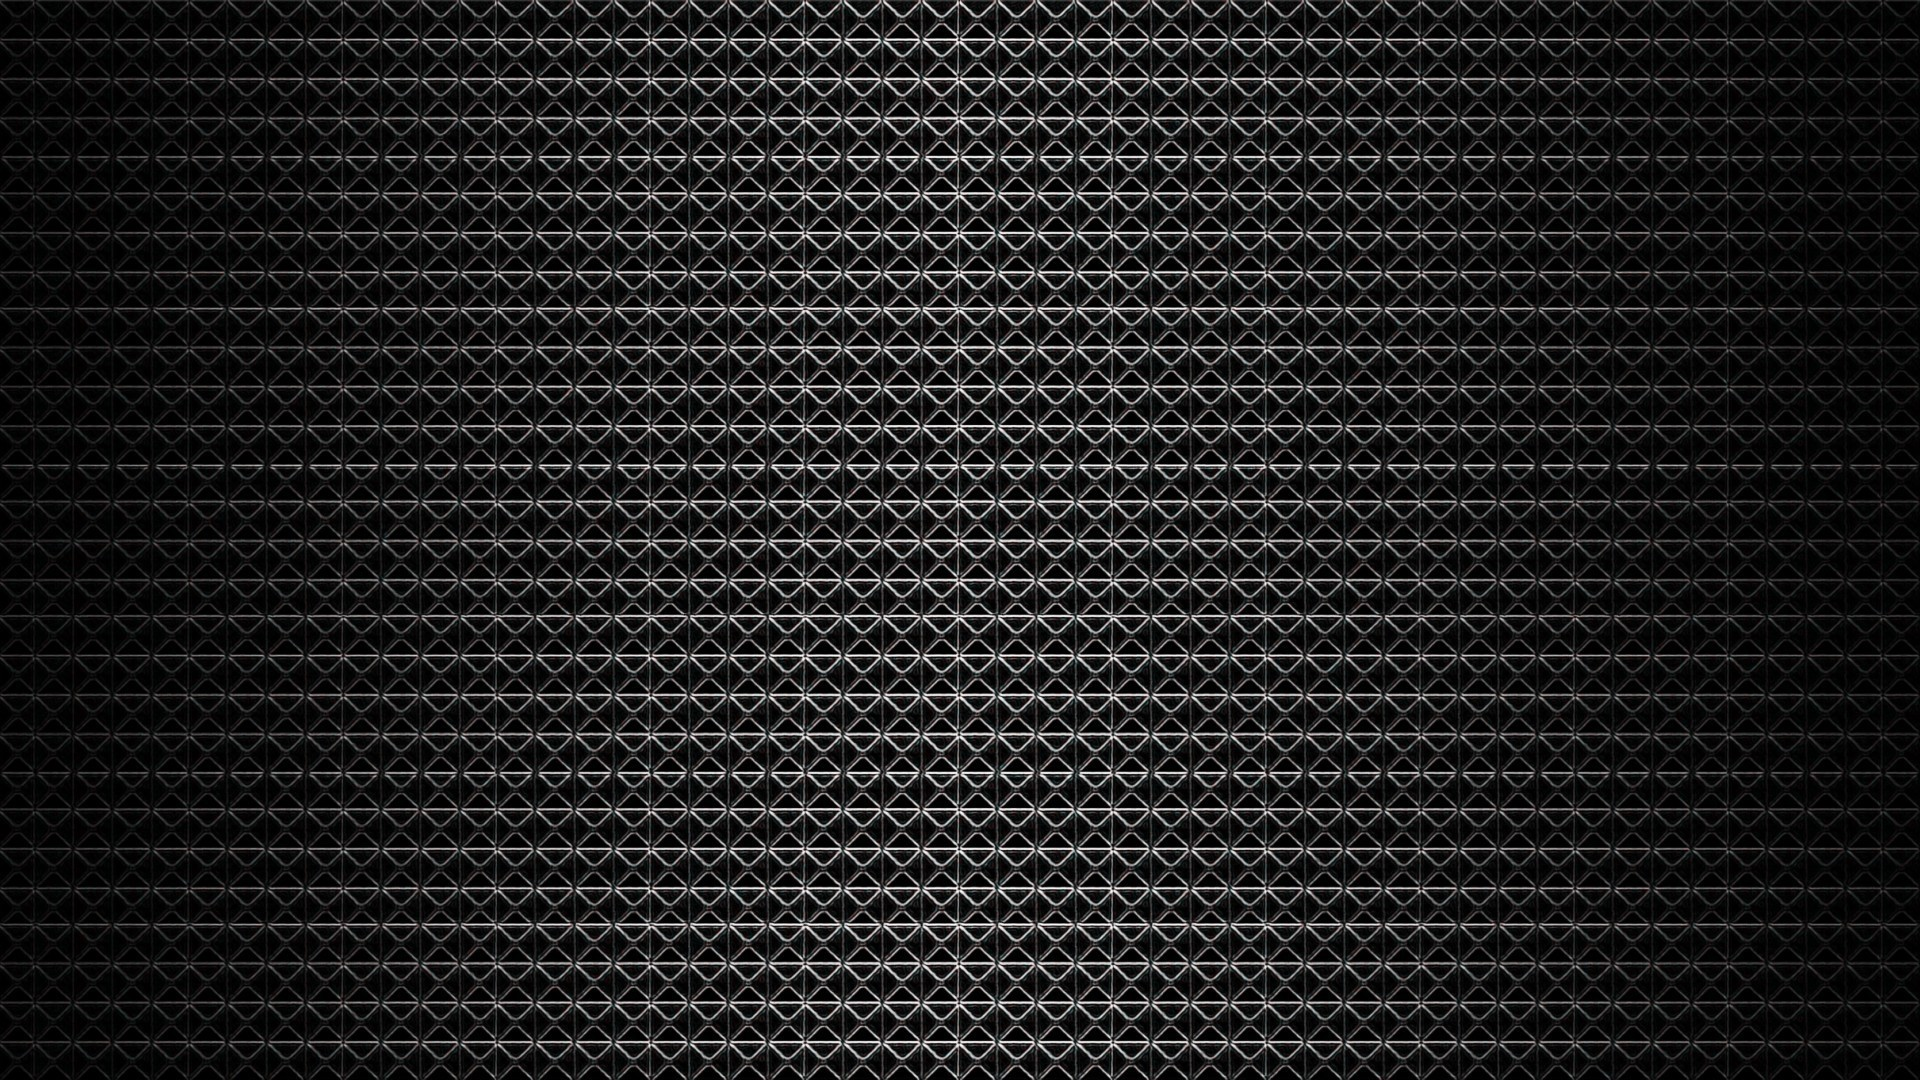 Carbon Fiber Download Wallpaper